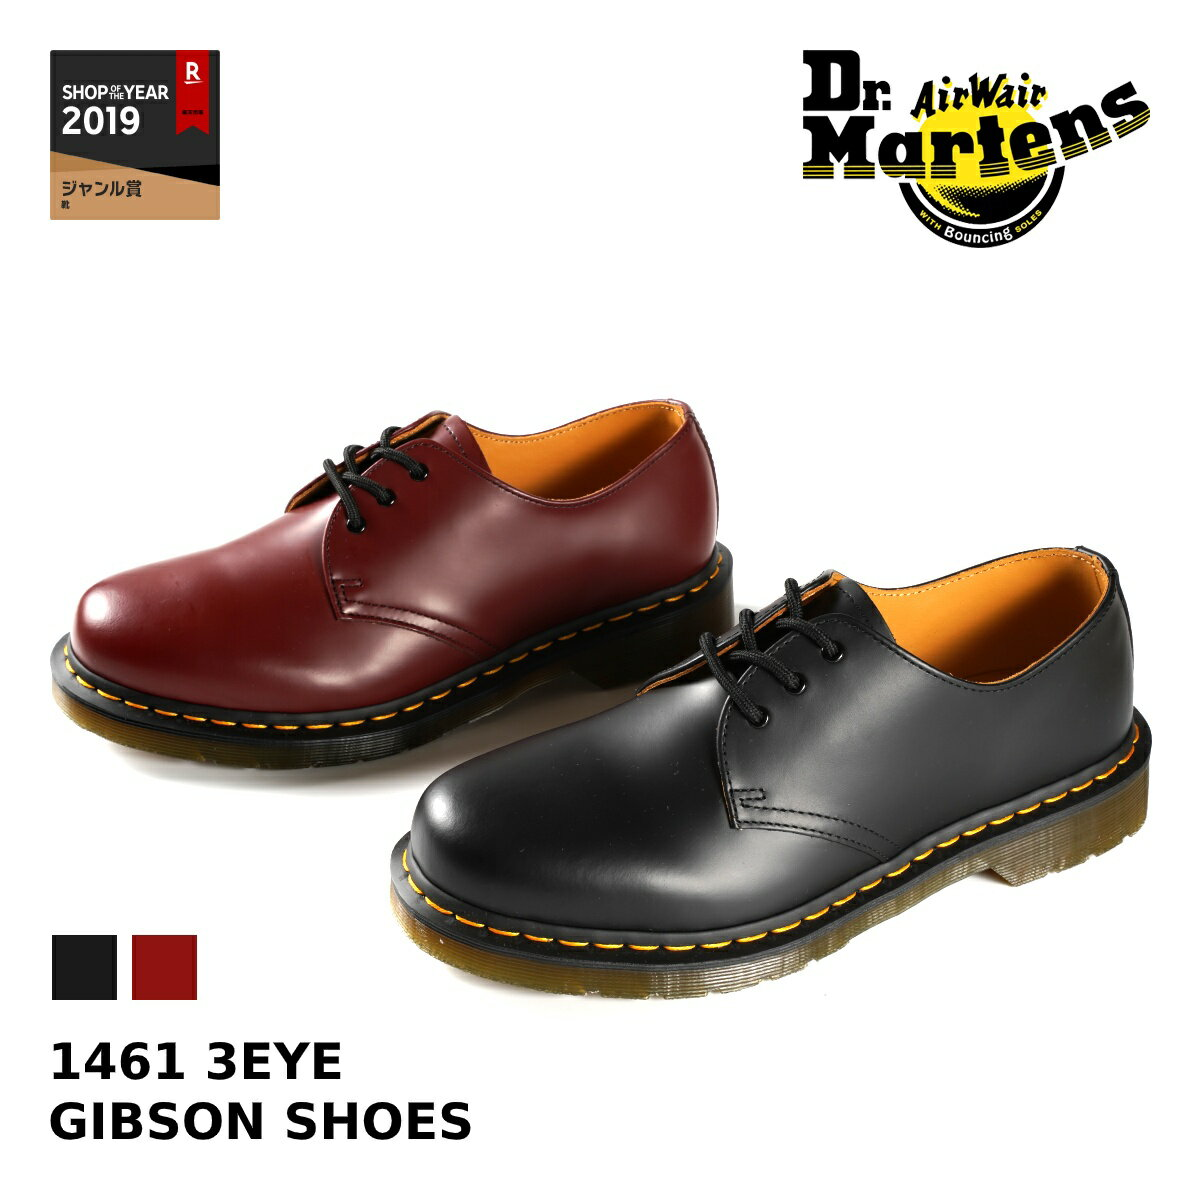 Dr.Martens 1461 3EYE GIBSON SHOES 【メンズ】【レディース】ドクターマーチン 3アイレット ギブソンシュー 3ホール BLACK(R11838002) / CHERRY RED(R11838600)